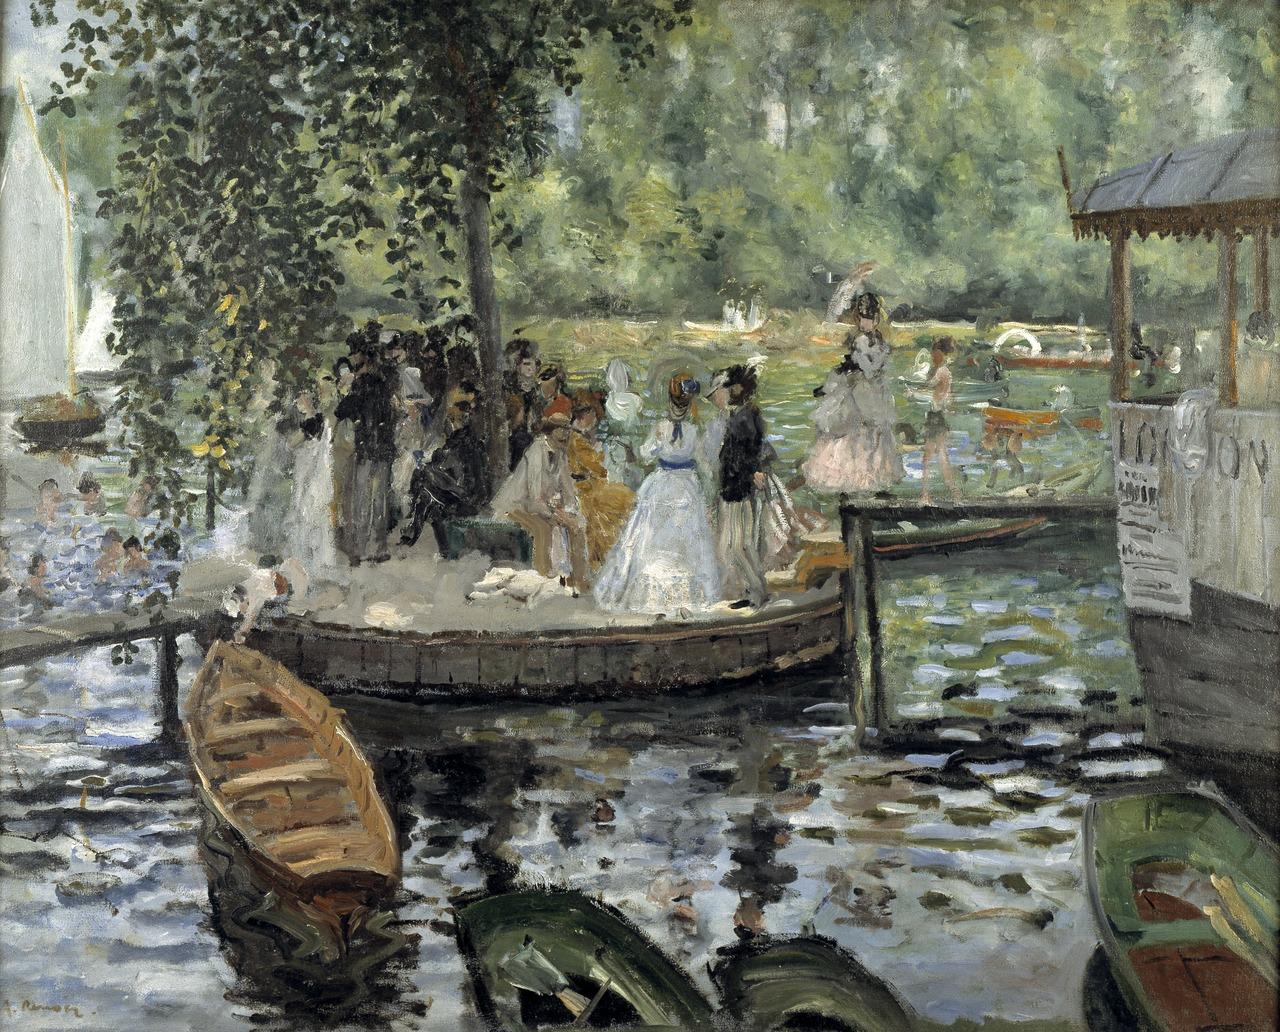 Пьер Огюст Ренуар Лягушатник. 1869 Холст, масло. 66 × 81 см Национальный музей Швеции, Стокгольм